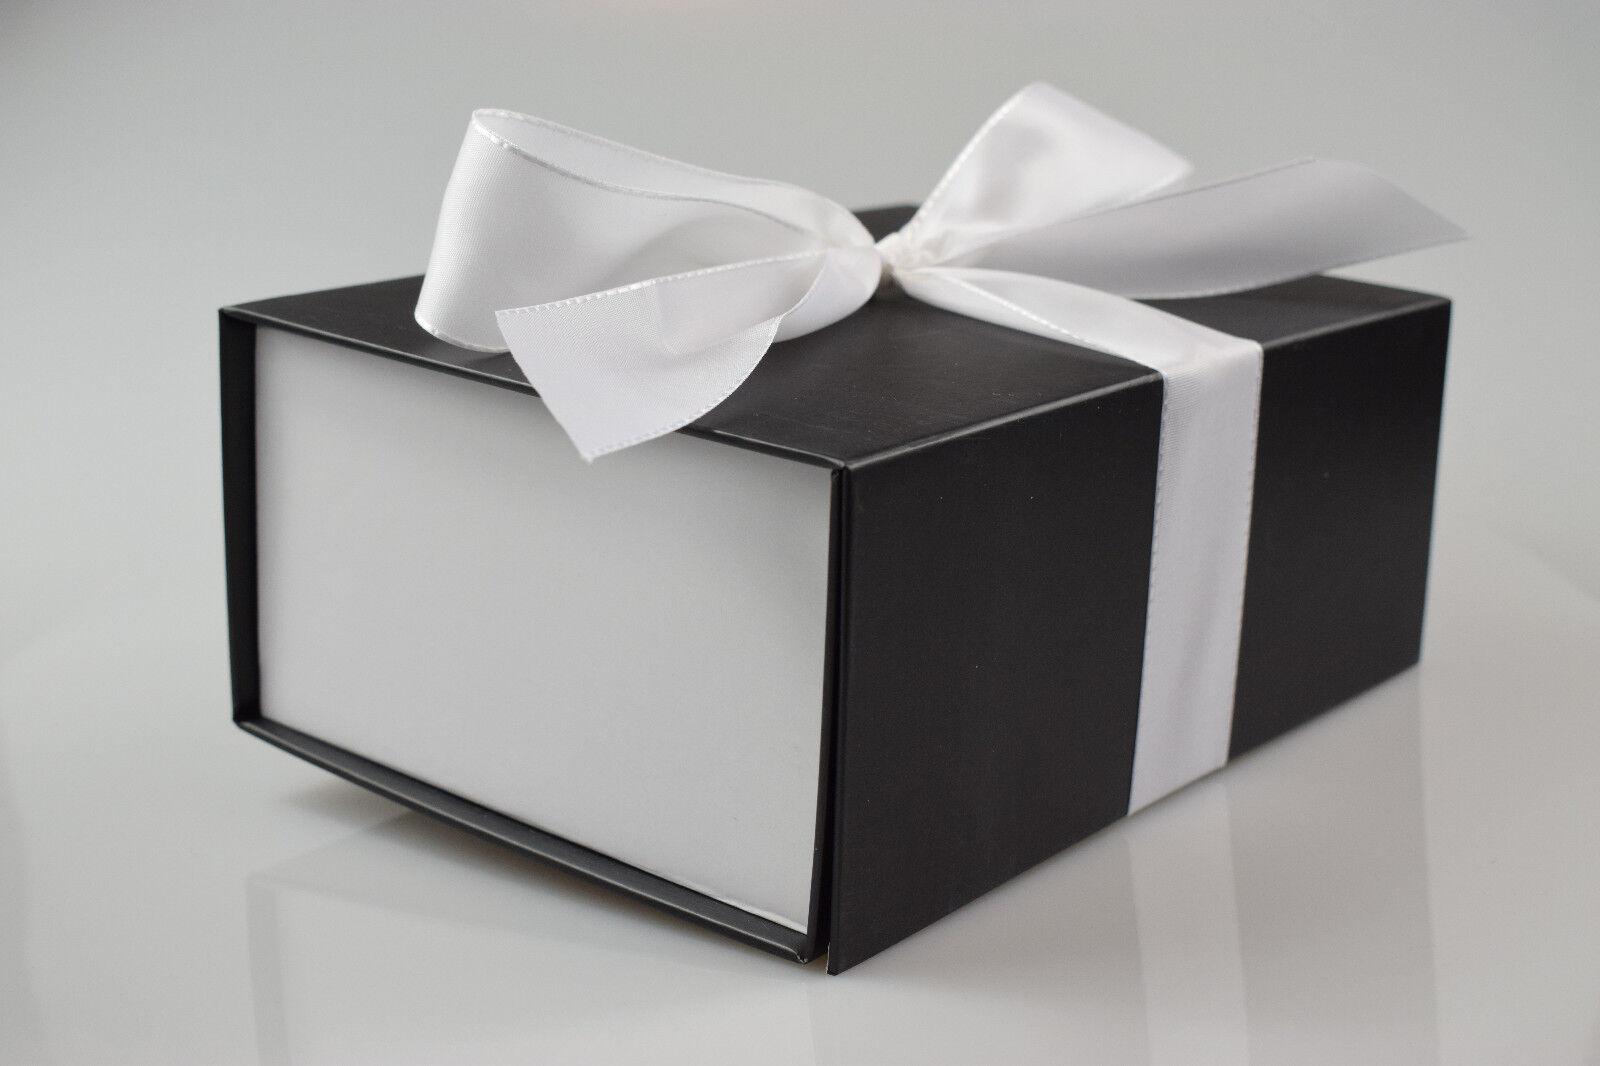 Geschenkkarton / Geschenkbox Bi-Colour / SCHWARZ - Weiß in 3 Größen